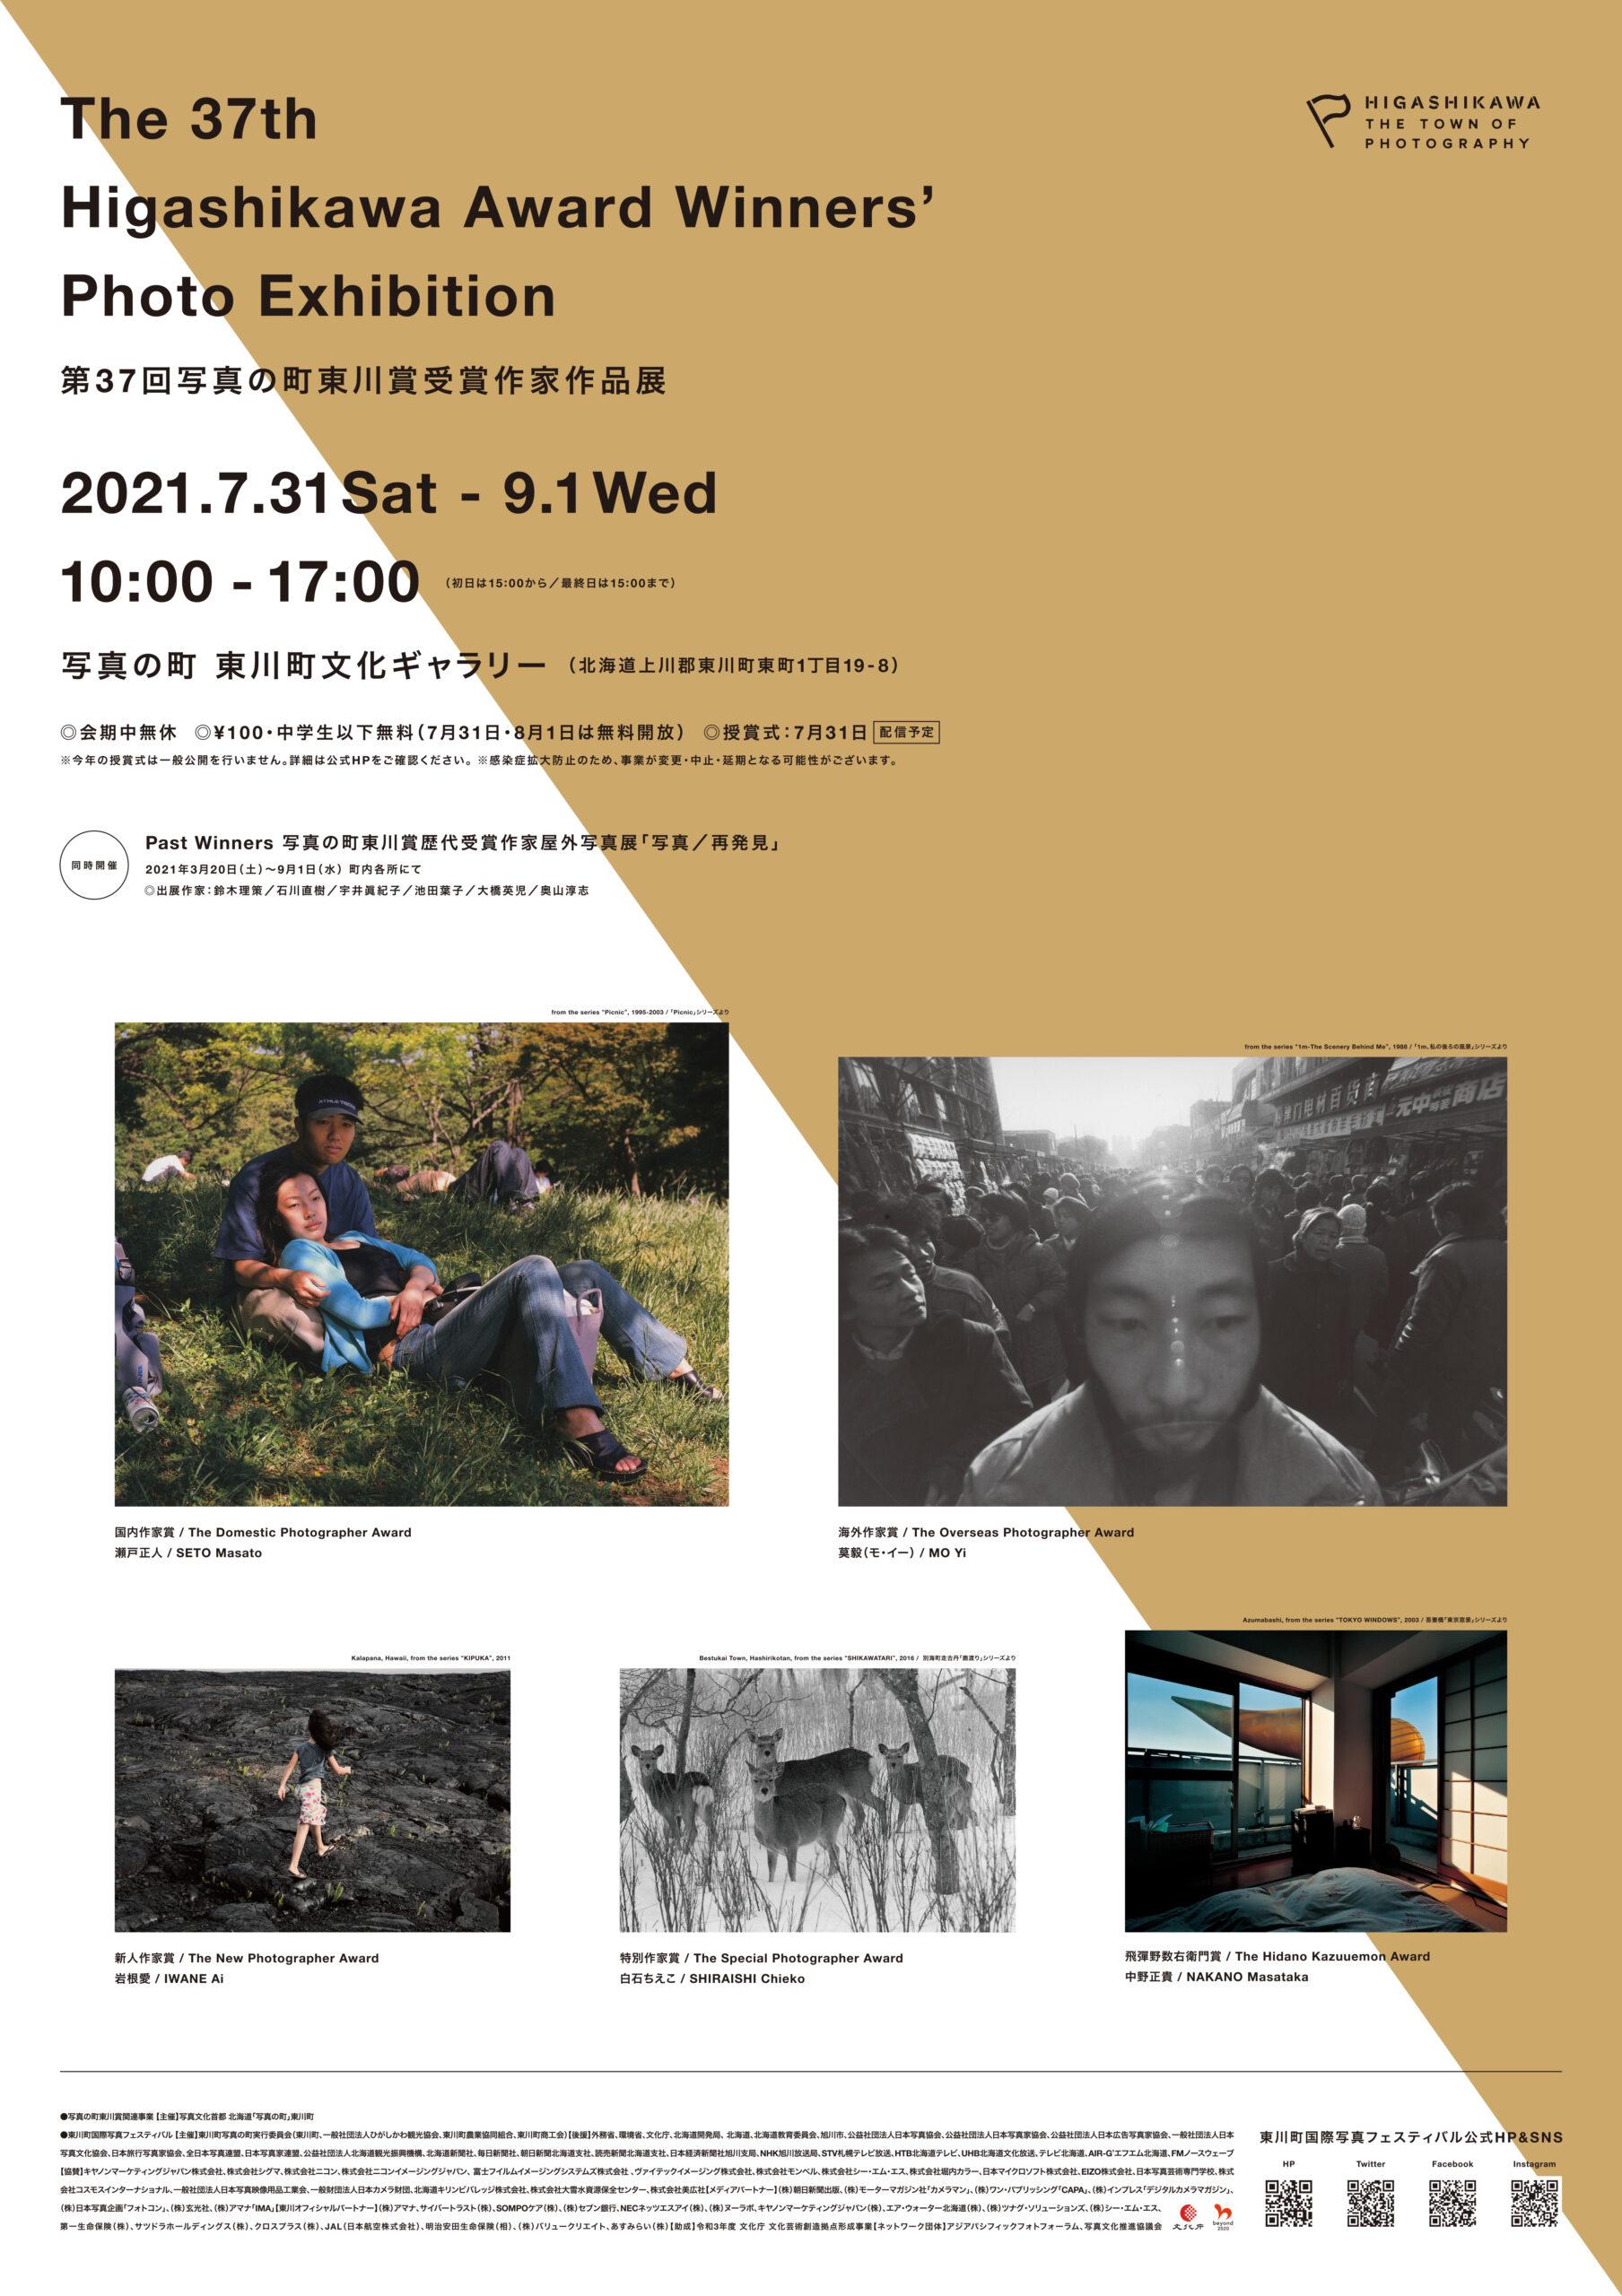 第37回 東川賞授賞式関連事業・フォトフェスタ2021の開催概要について